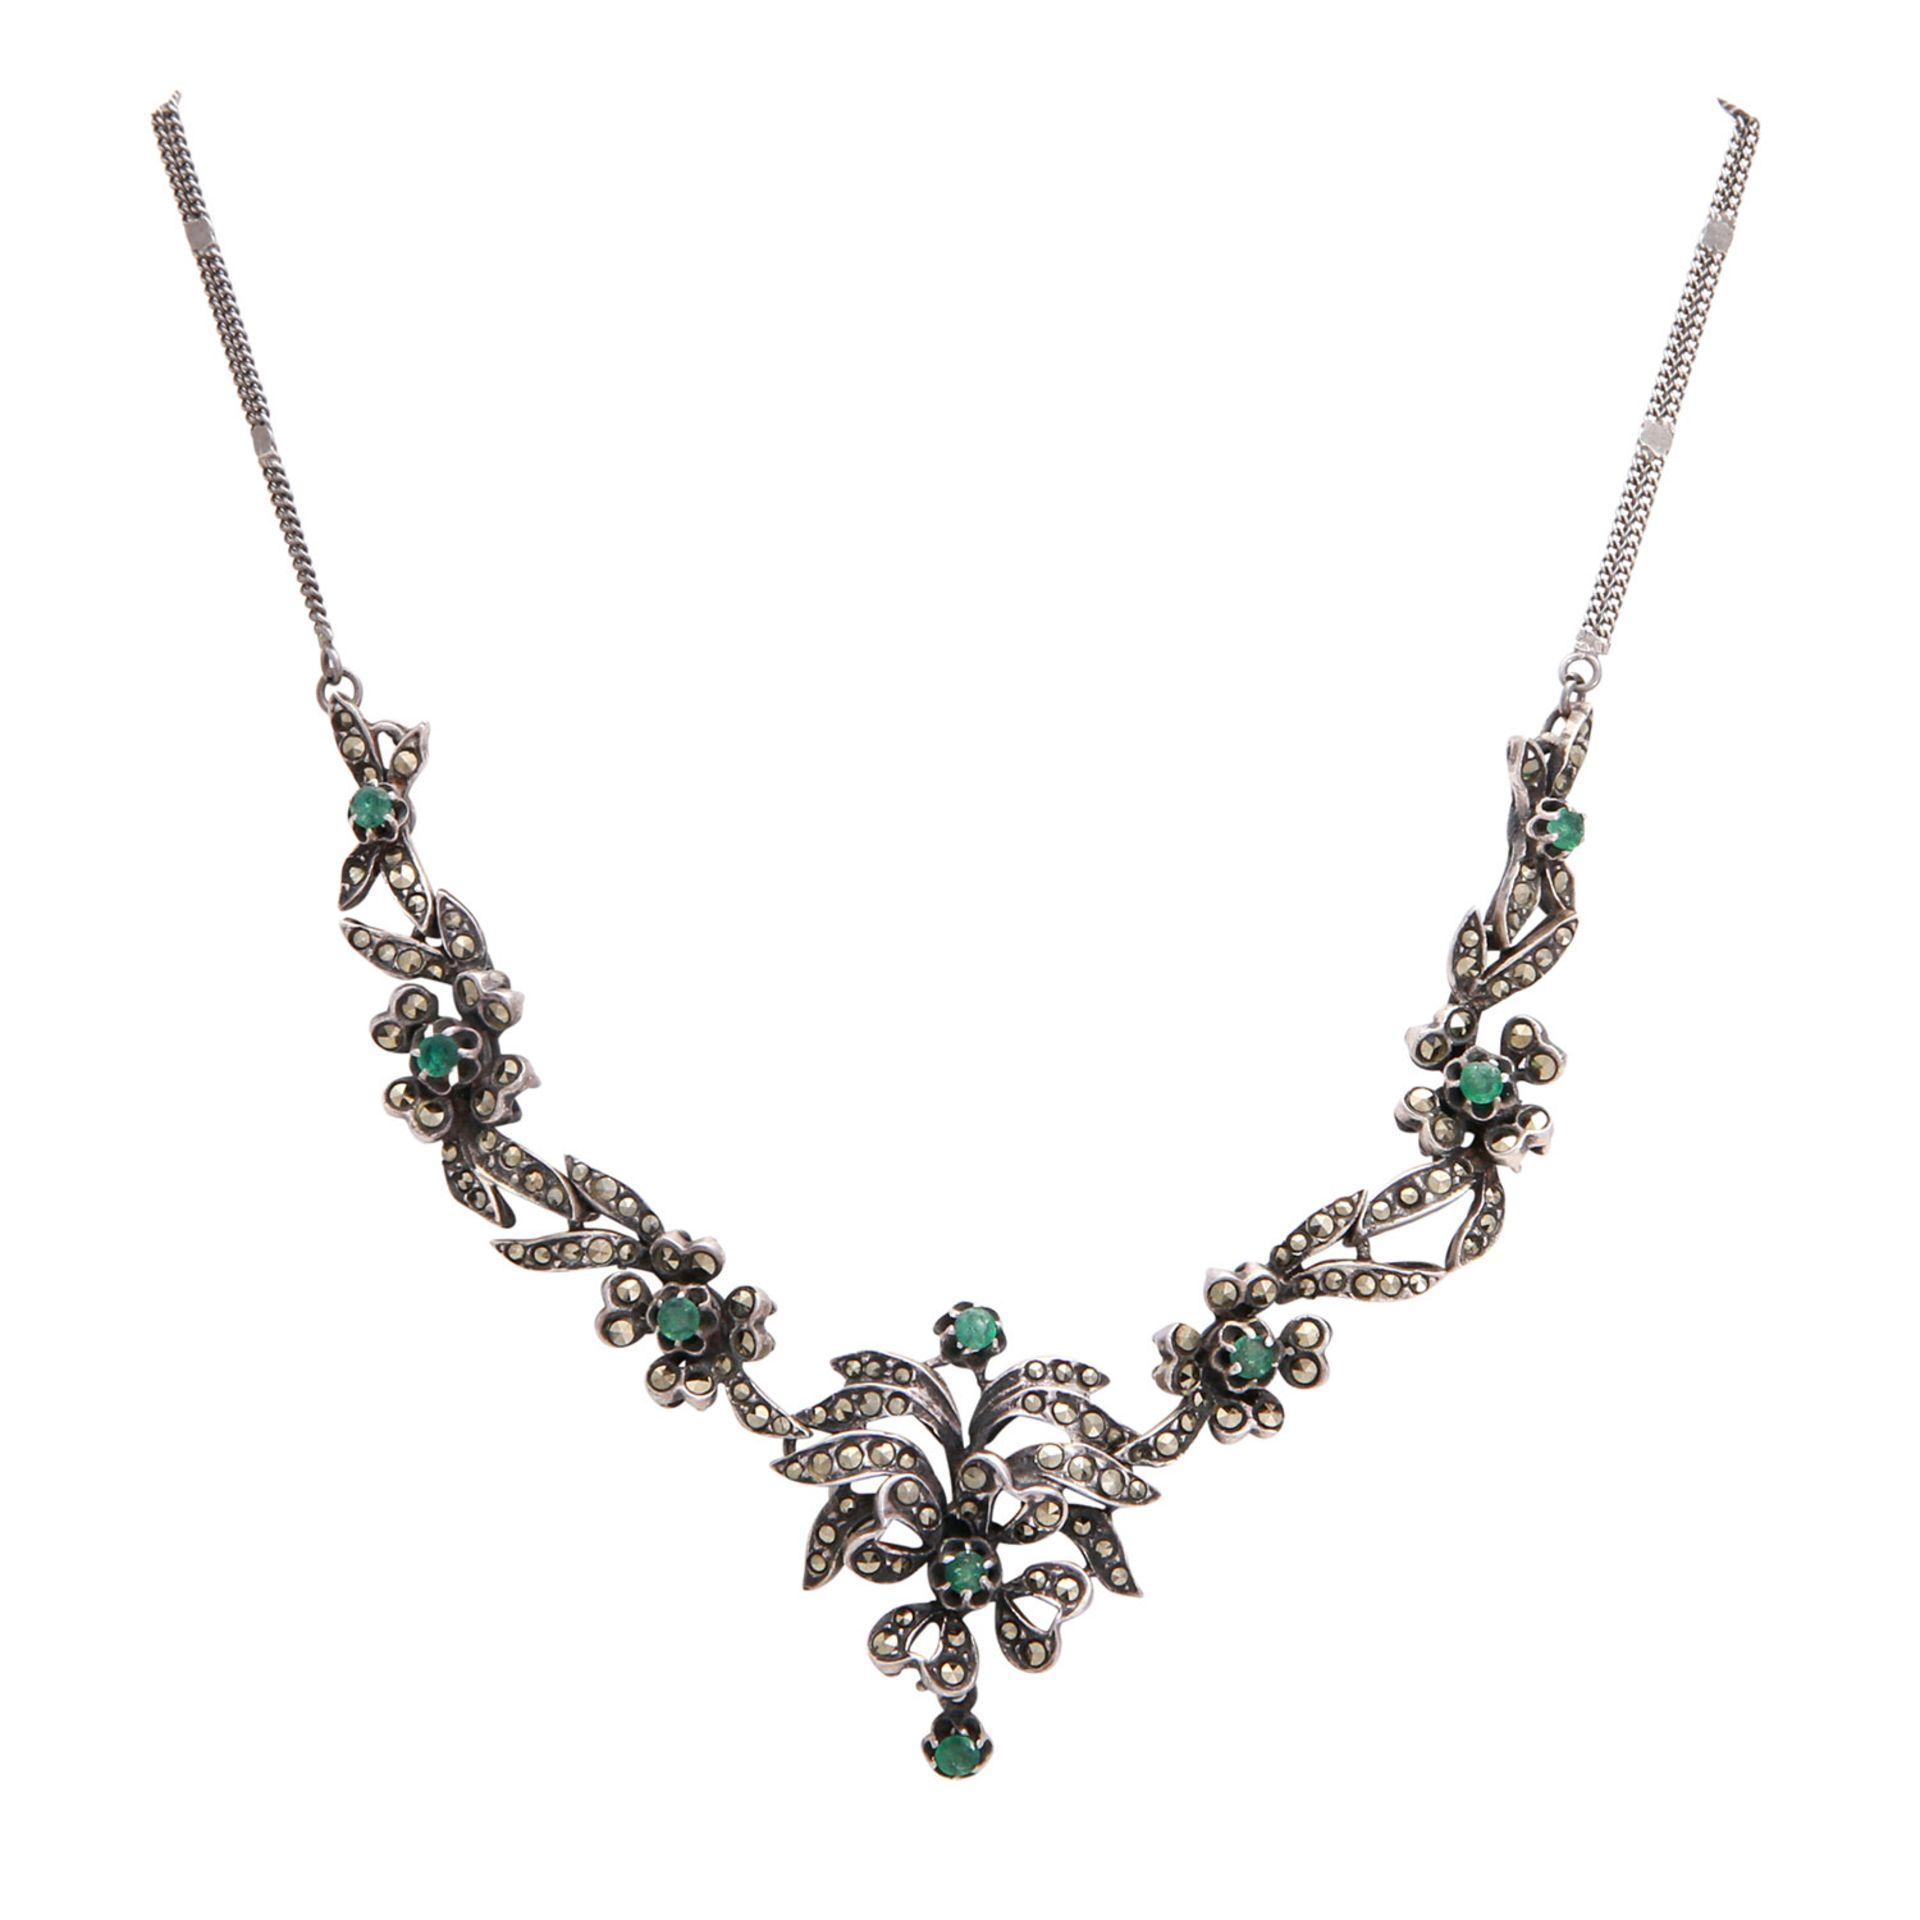 Los 56 - Collier bes. mit 9 Smaragden und Markasiten, Silber patiniert, L: ca. 51,5 cm, florales